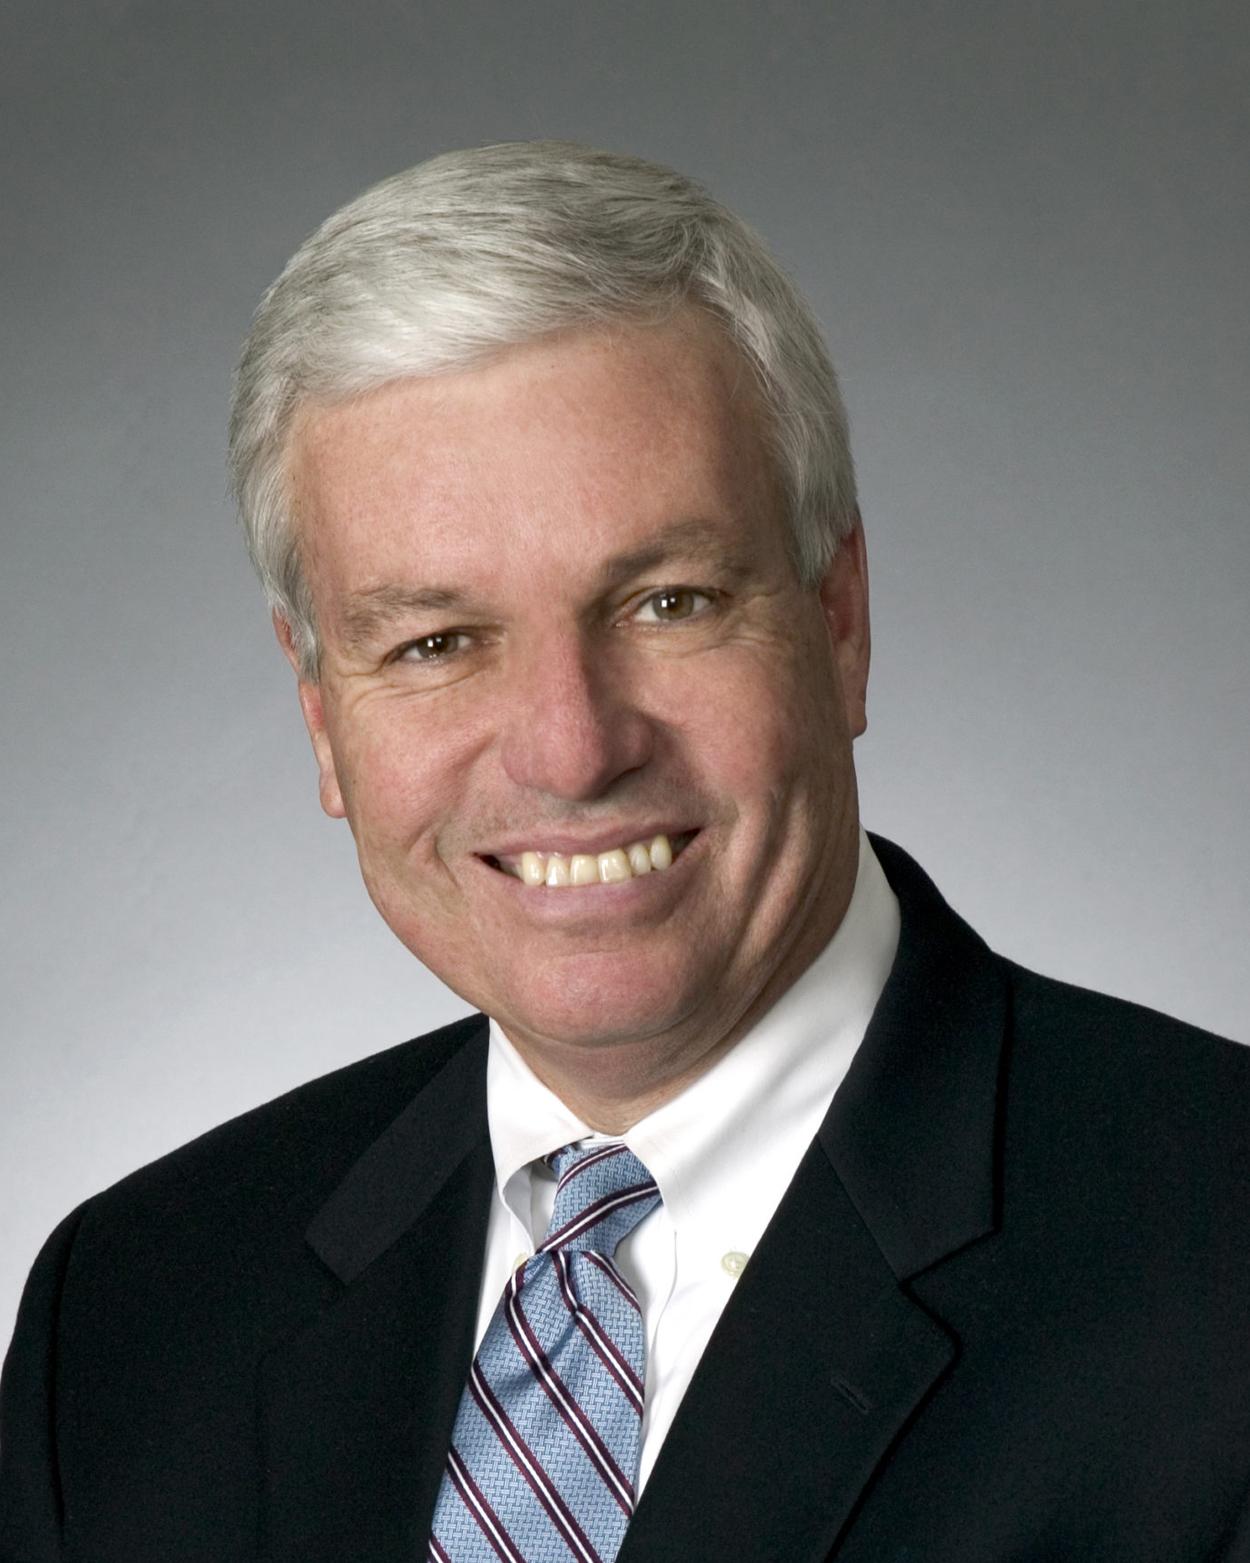 Jim Breuer - Chairman